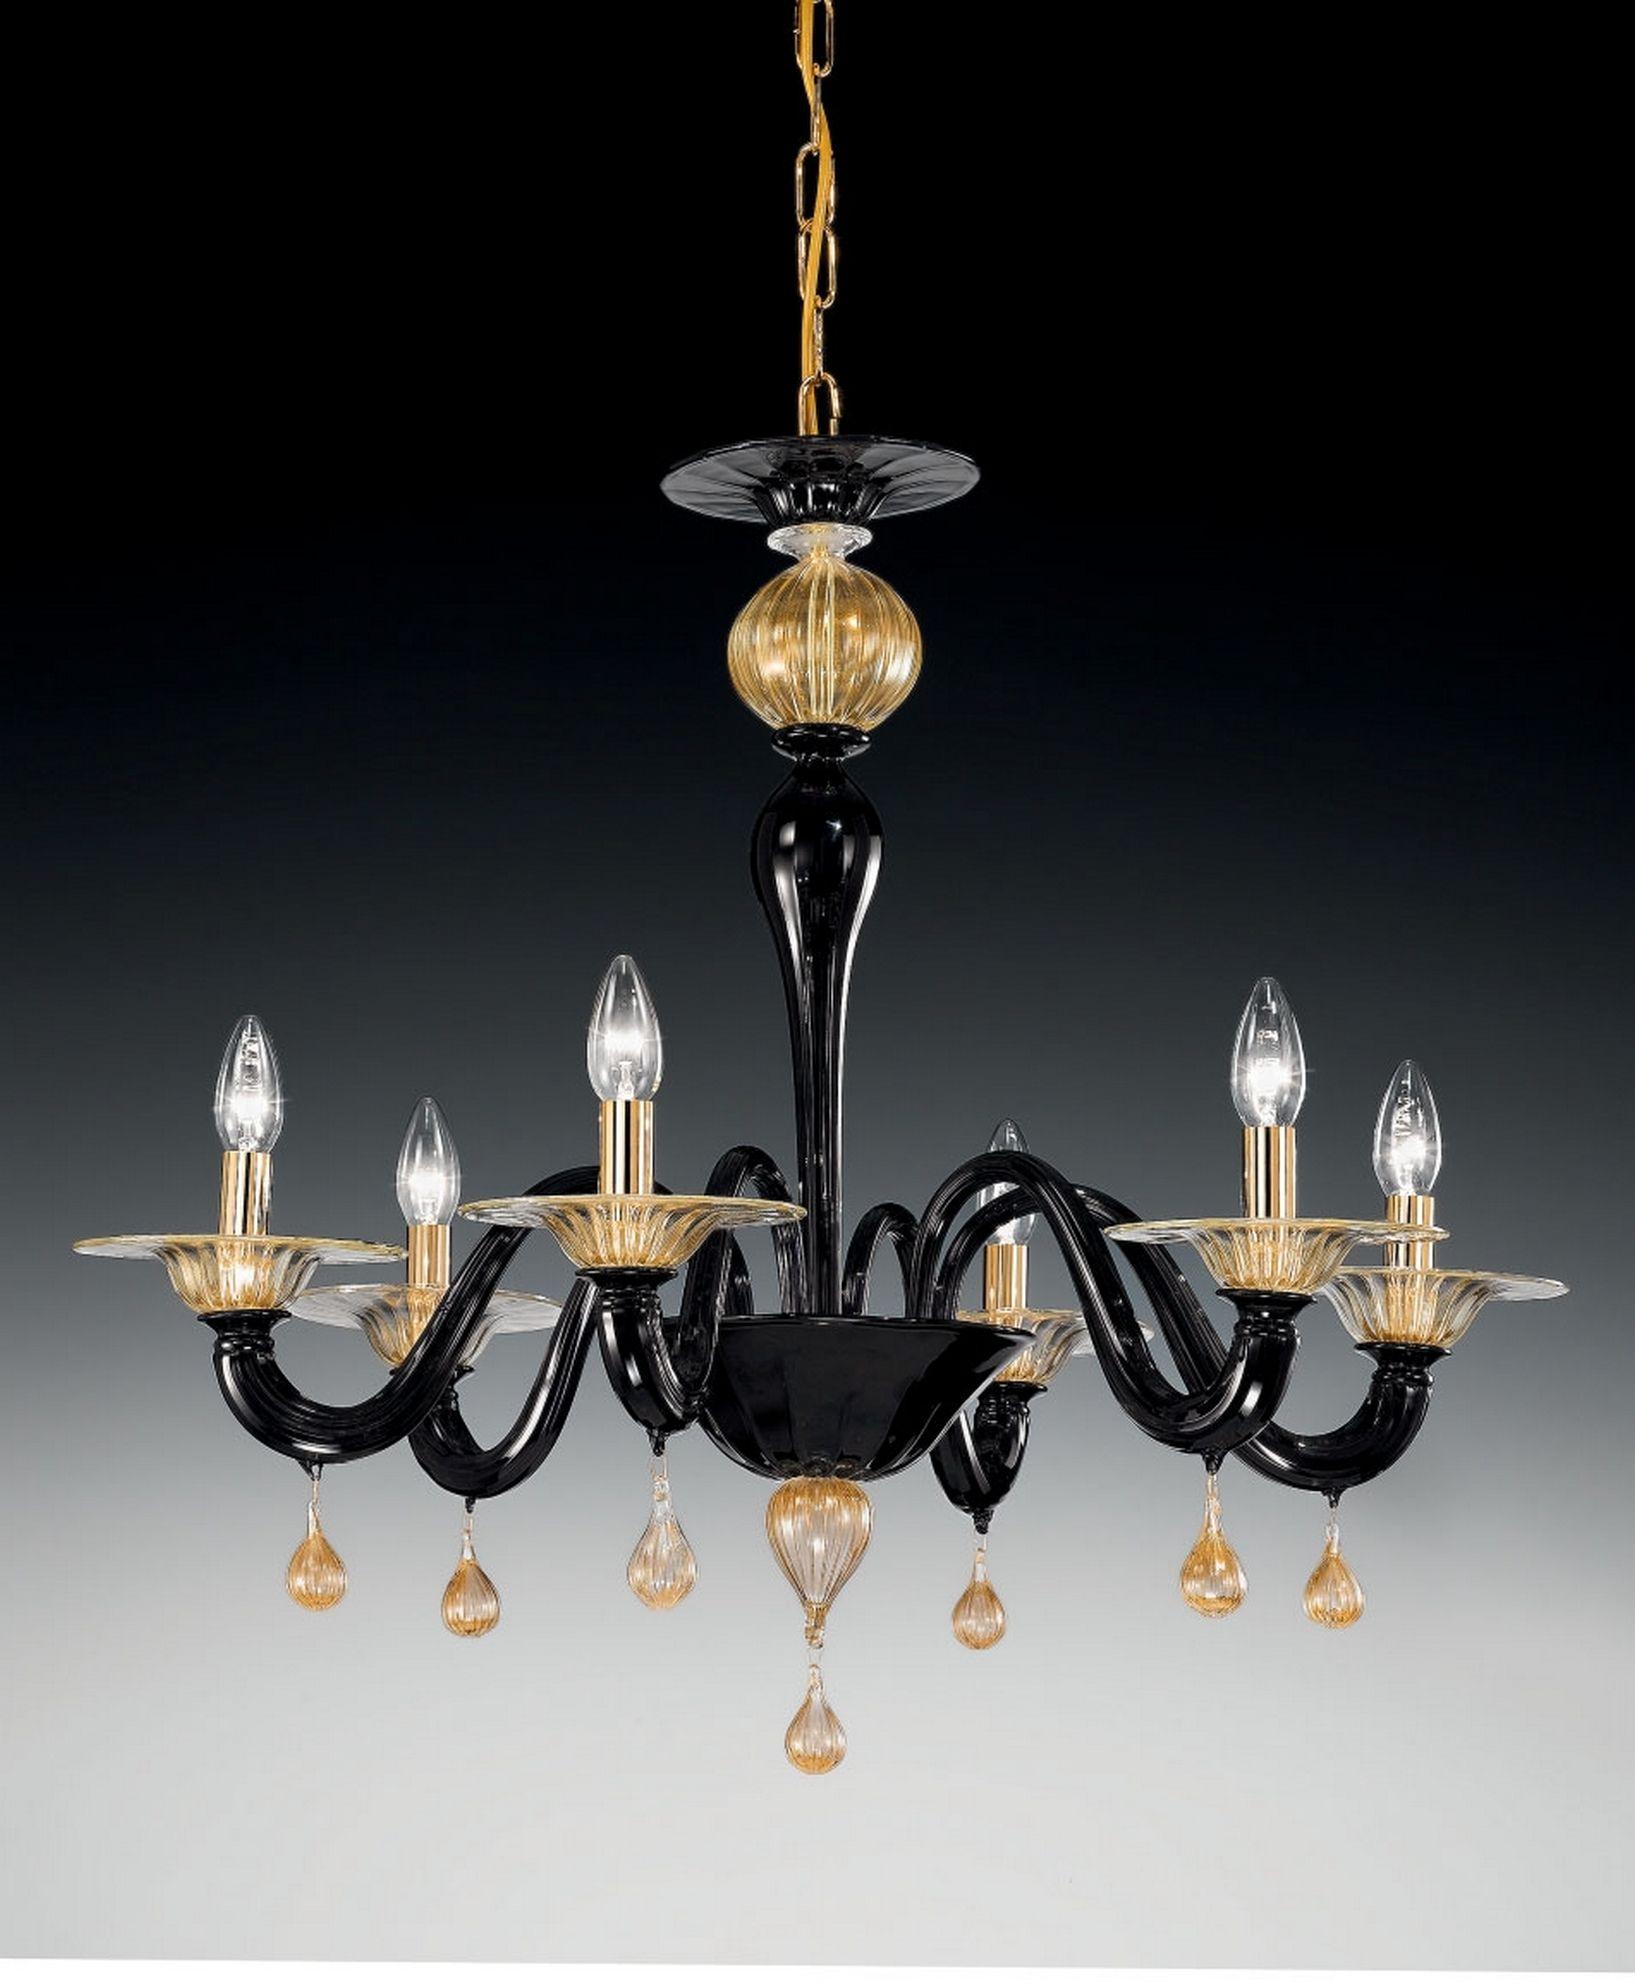 Lampadario 6 luci in cristallo laccato nero e particolari